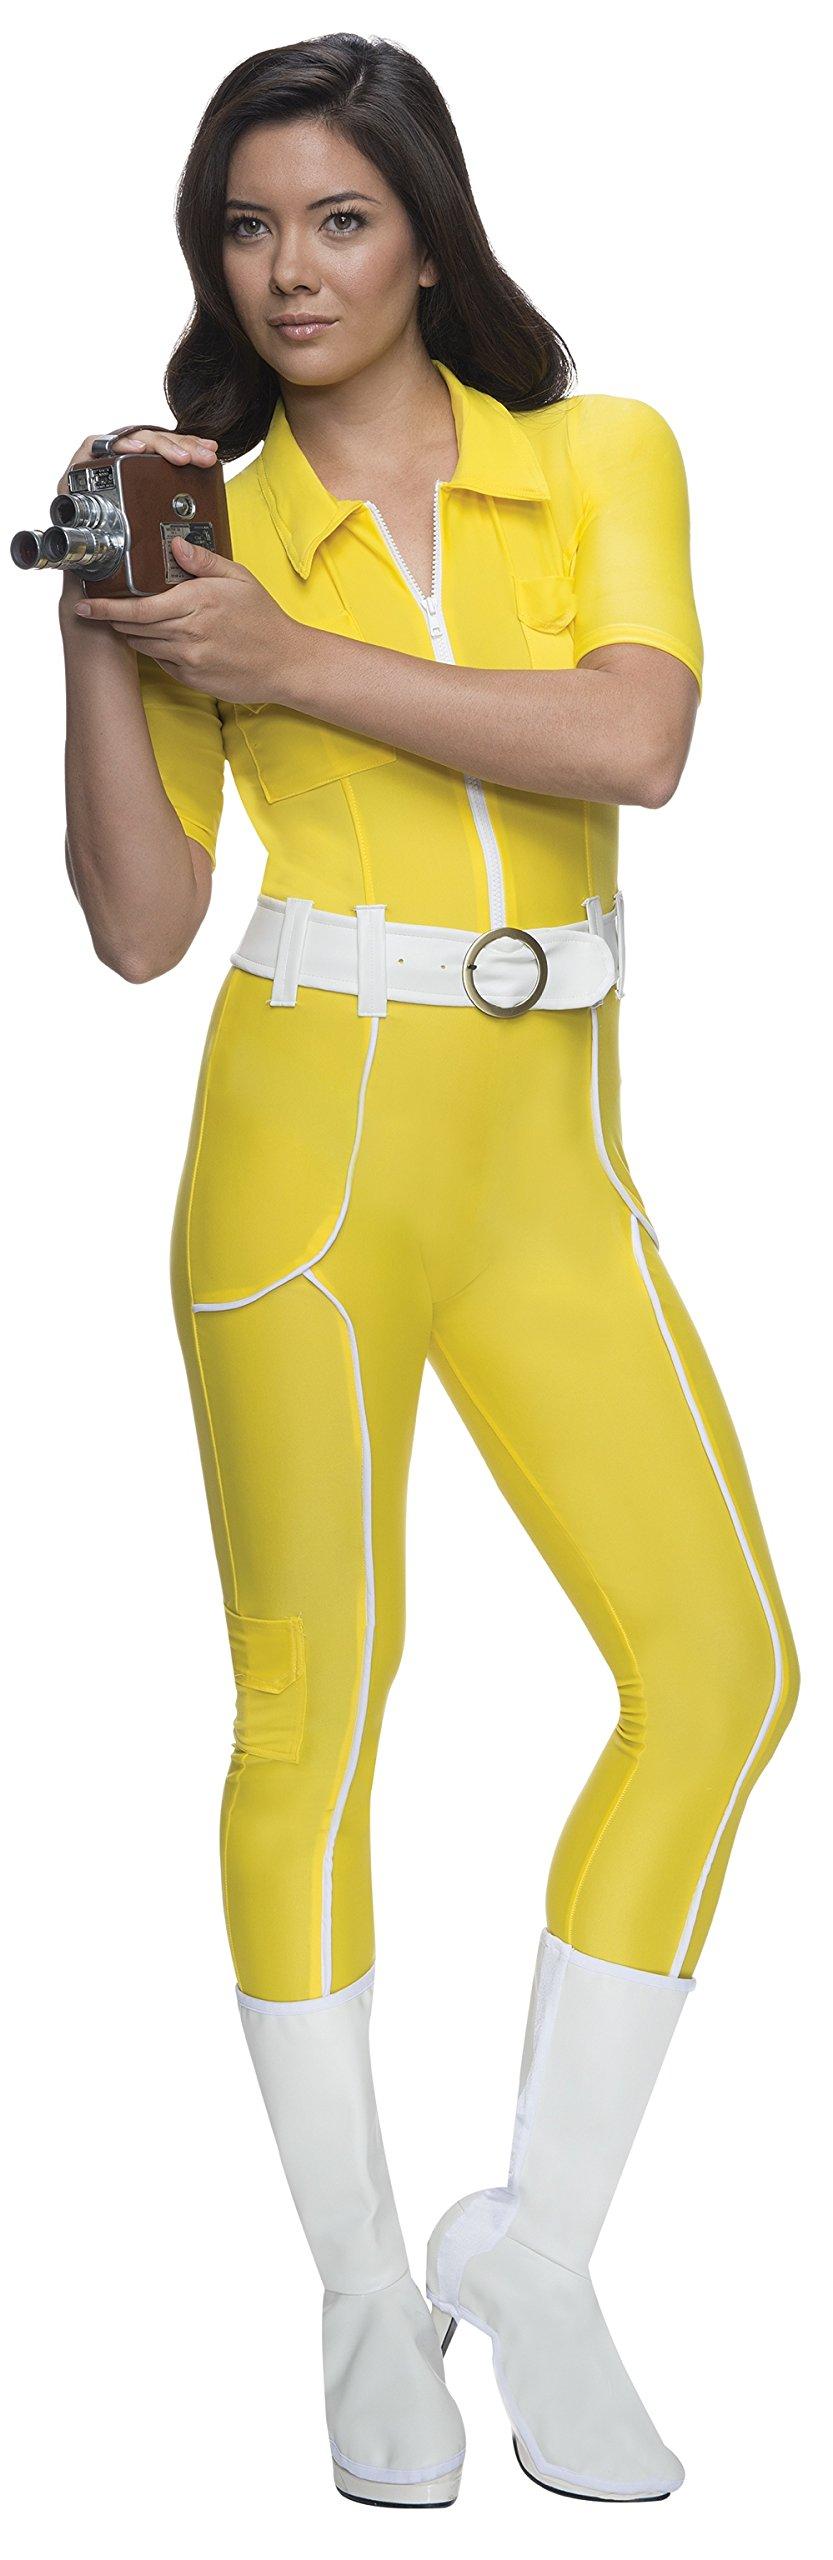 Rubie's Costume Teenage Mutant Ninja Turtles Deluxe April O'neil Jumpsuit, Yellow, Large Costume